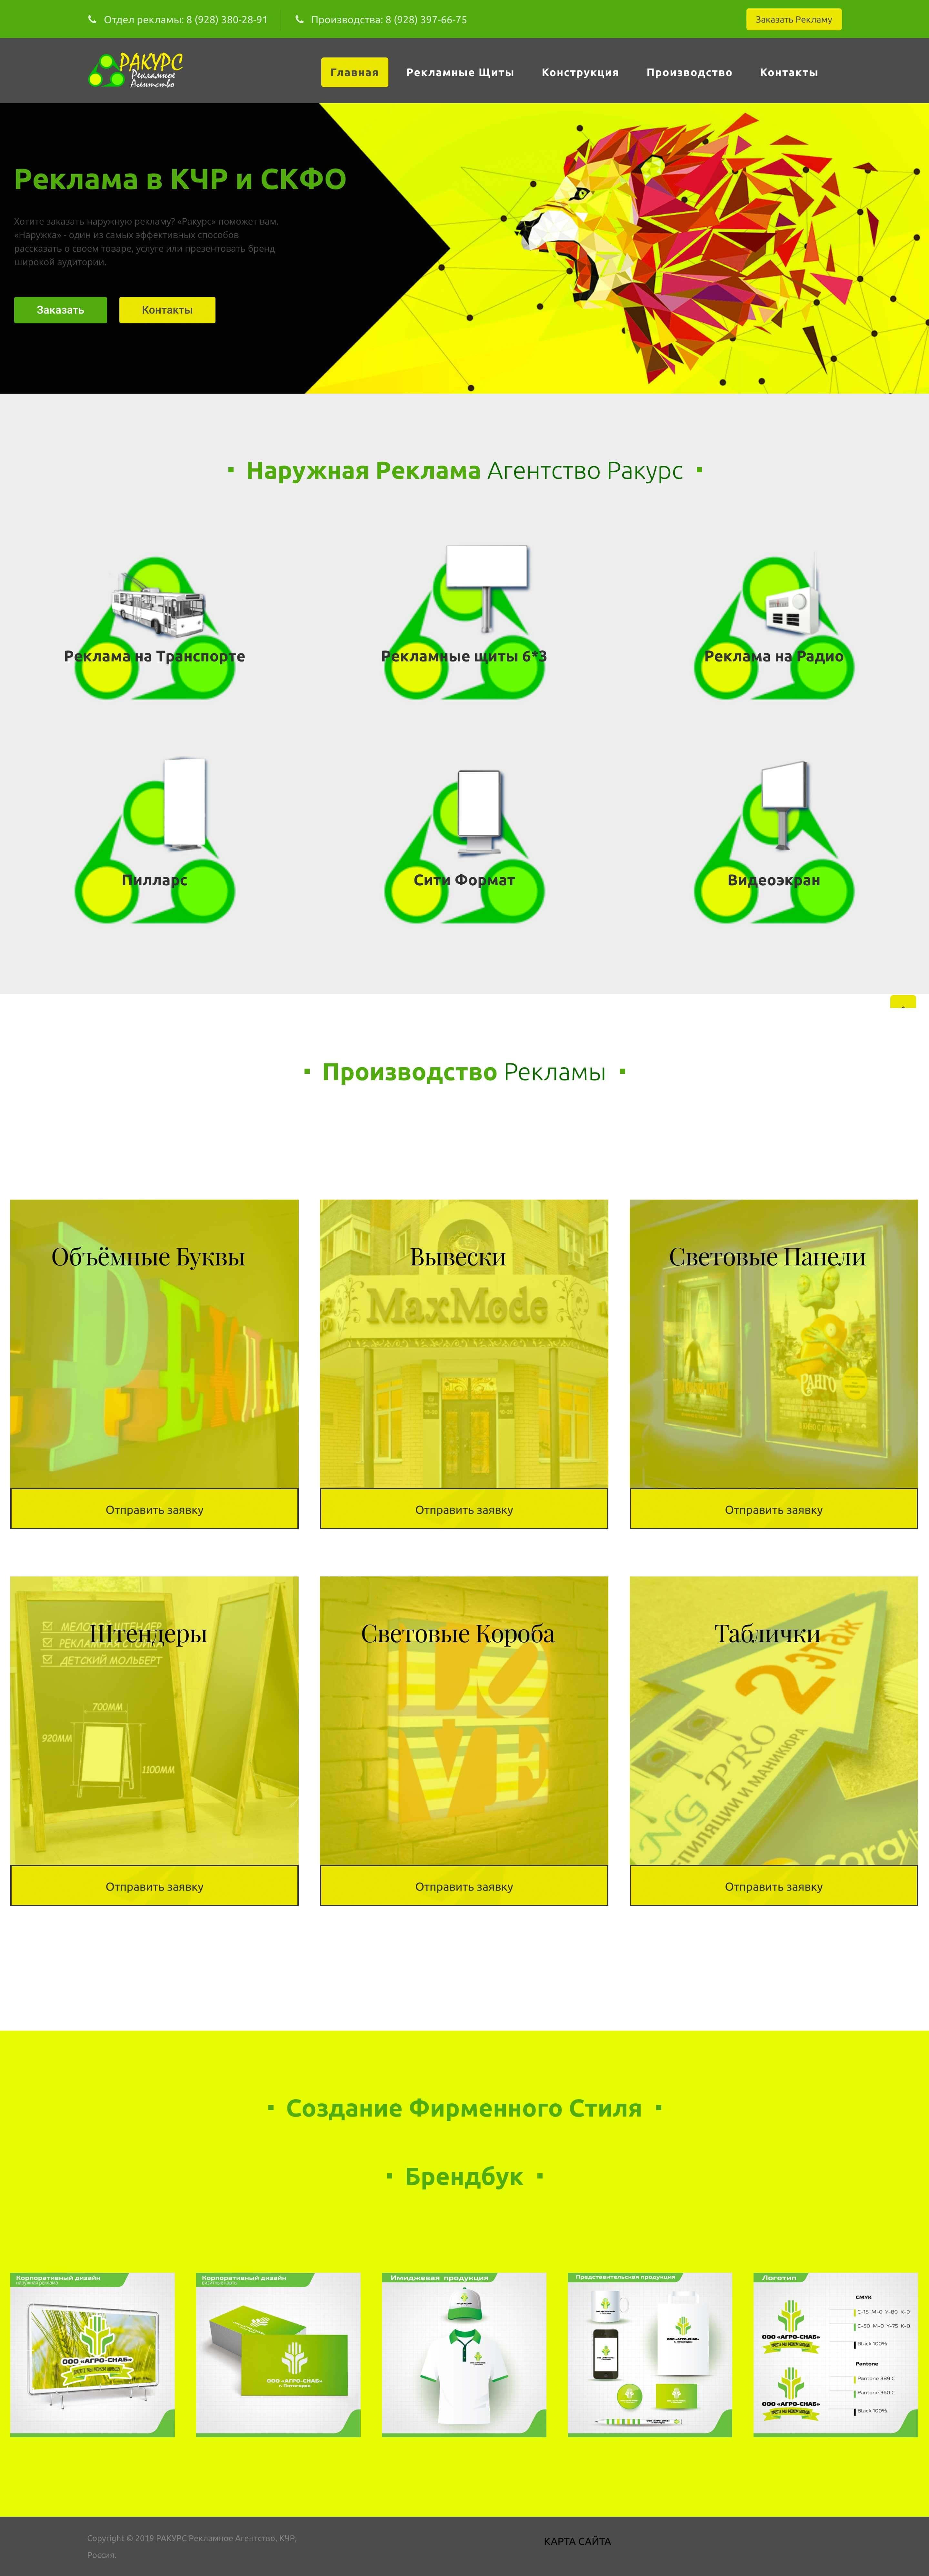 """Официальный сайт рекламного агентства """"Ракурс"""""""